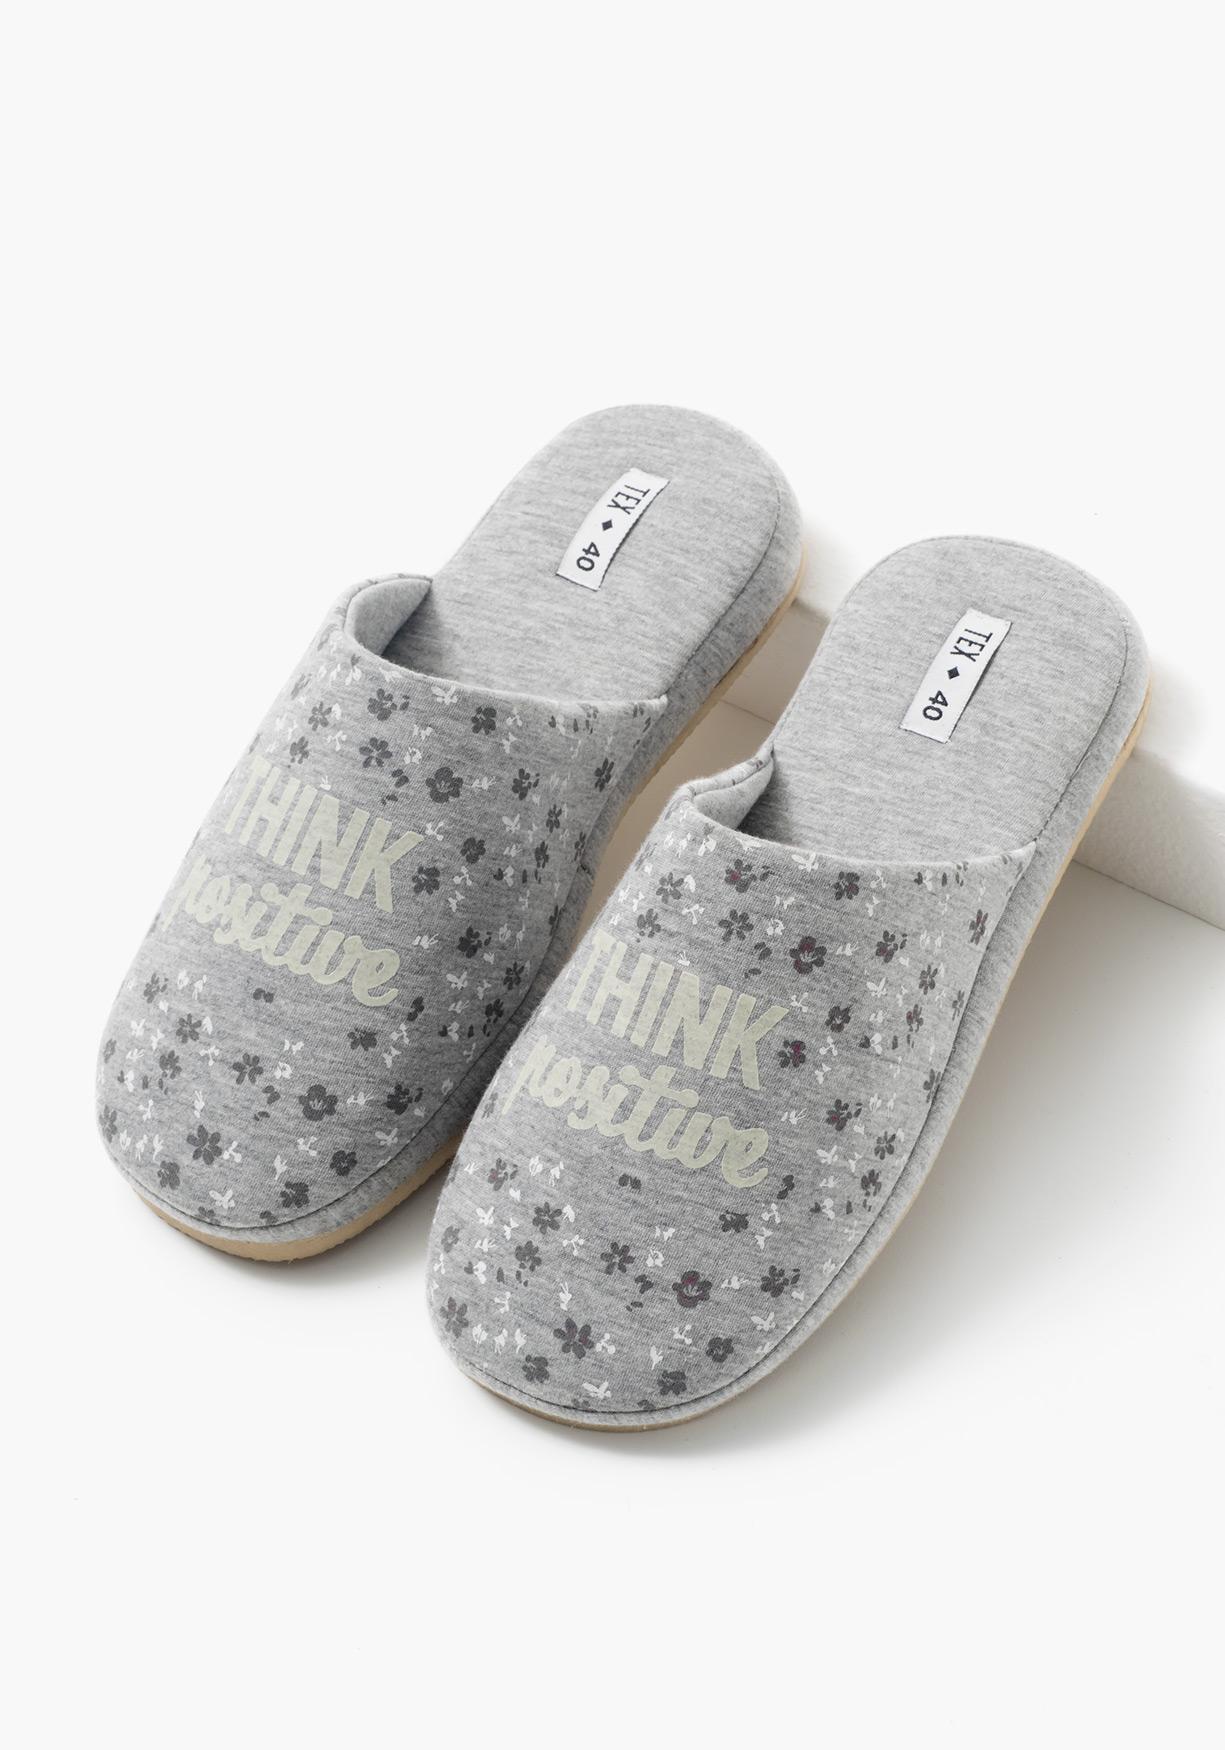 Comprar zapatillas de estar por casa estampadas tex aprov chate de nuestros precios y - Zapatillas para casa ...